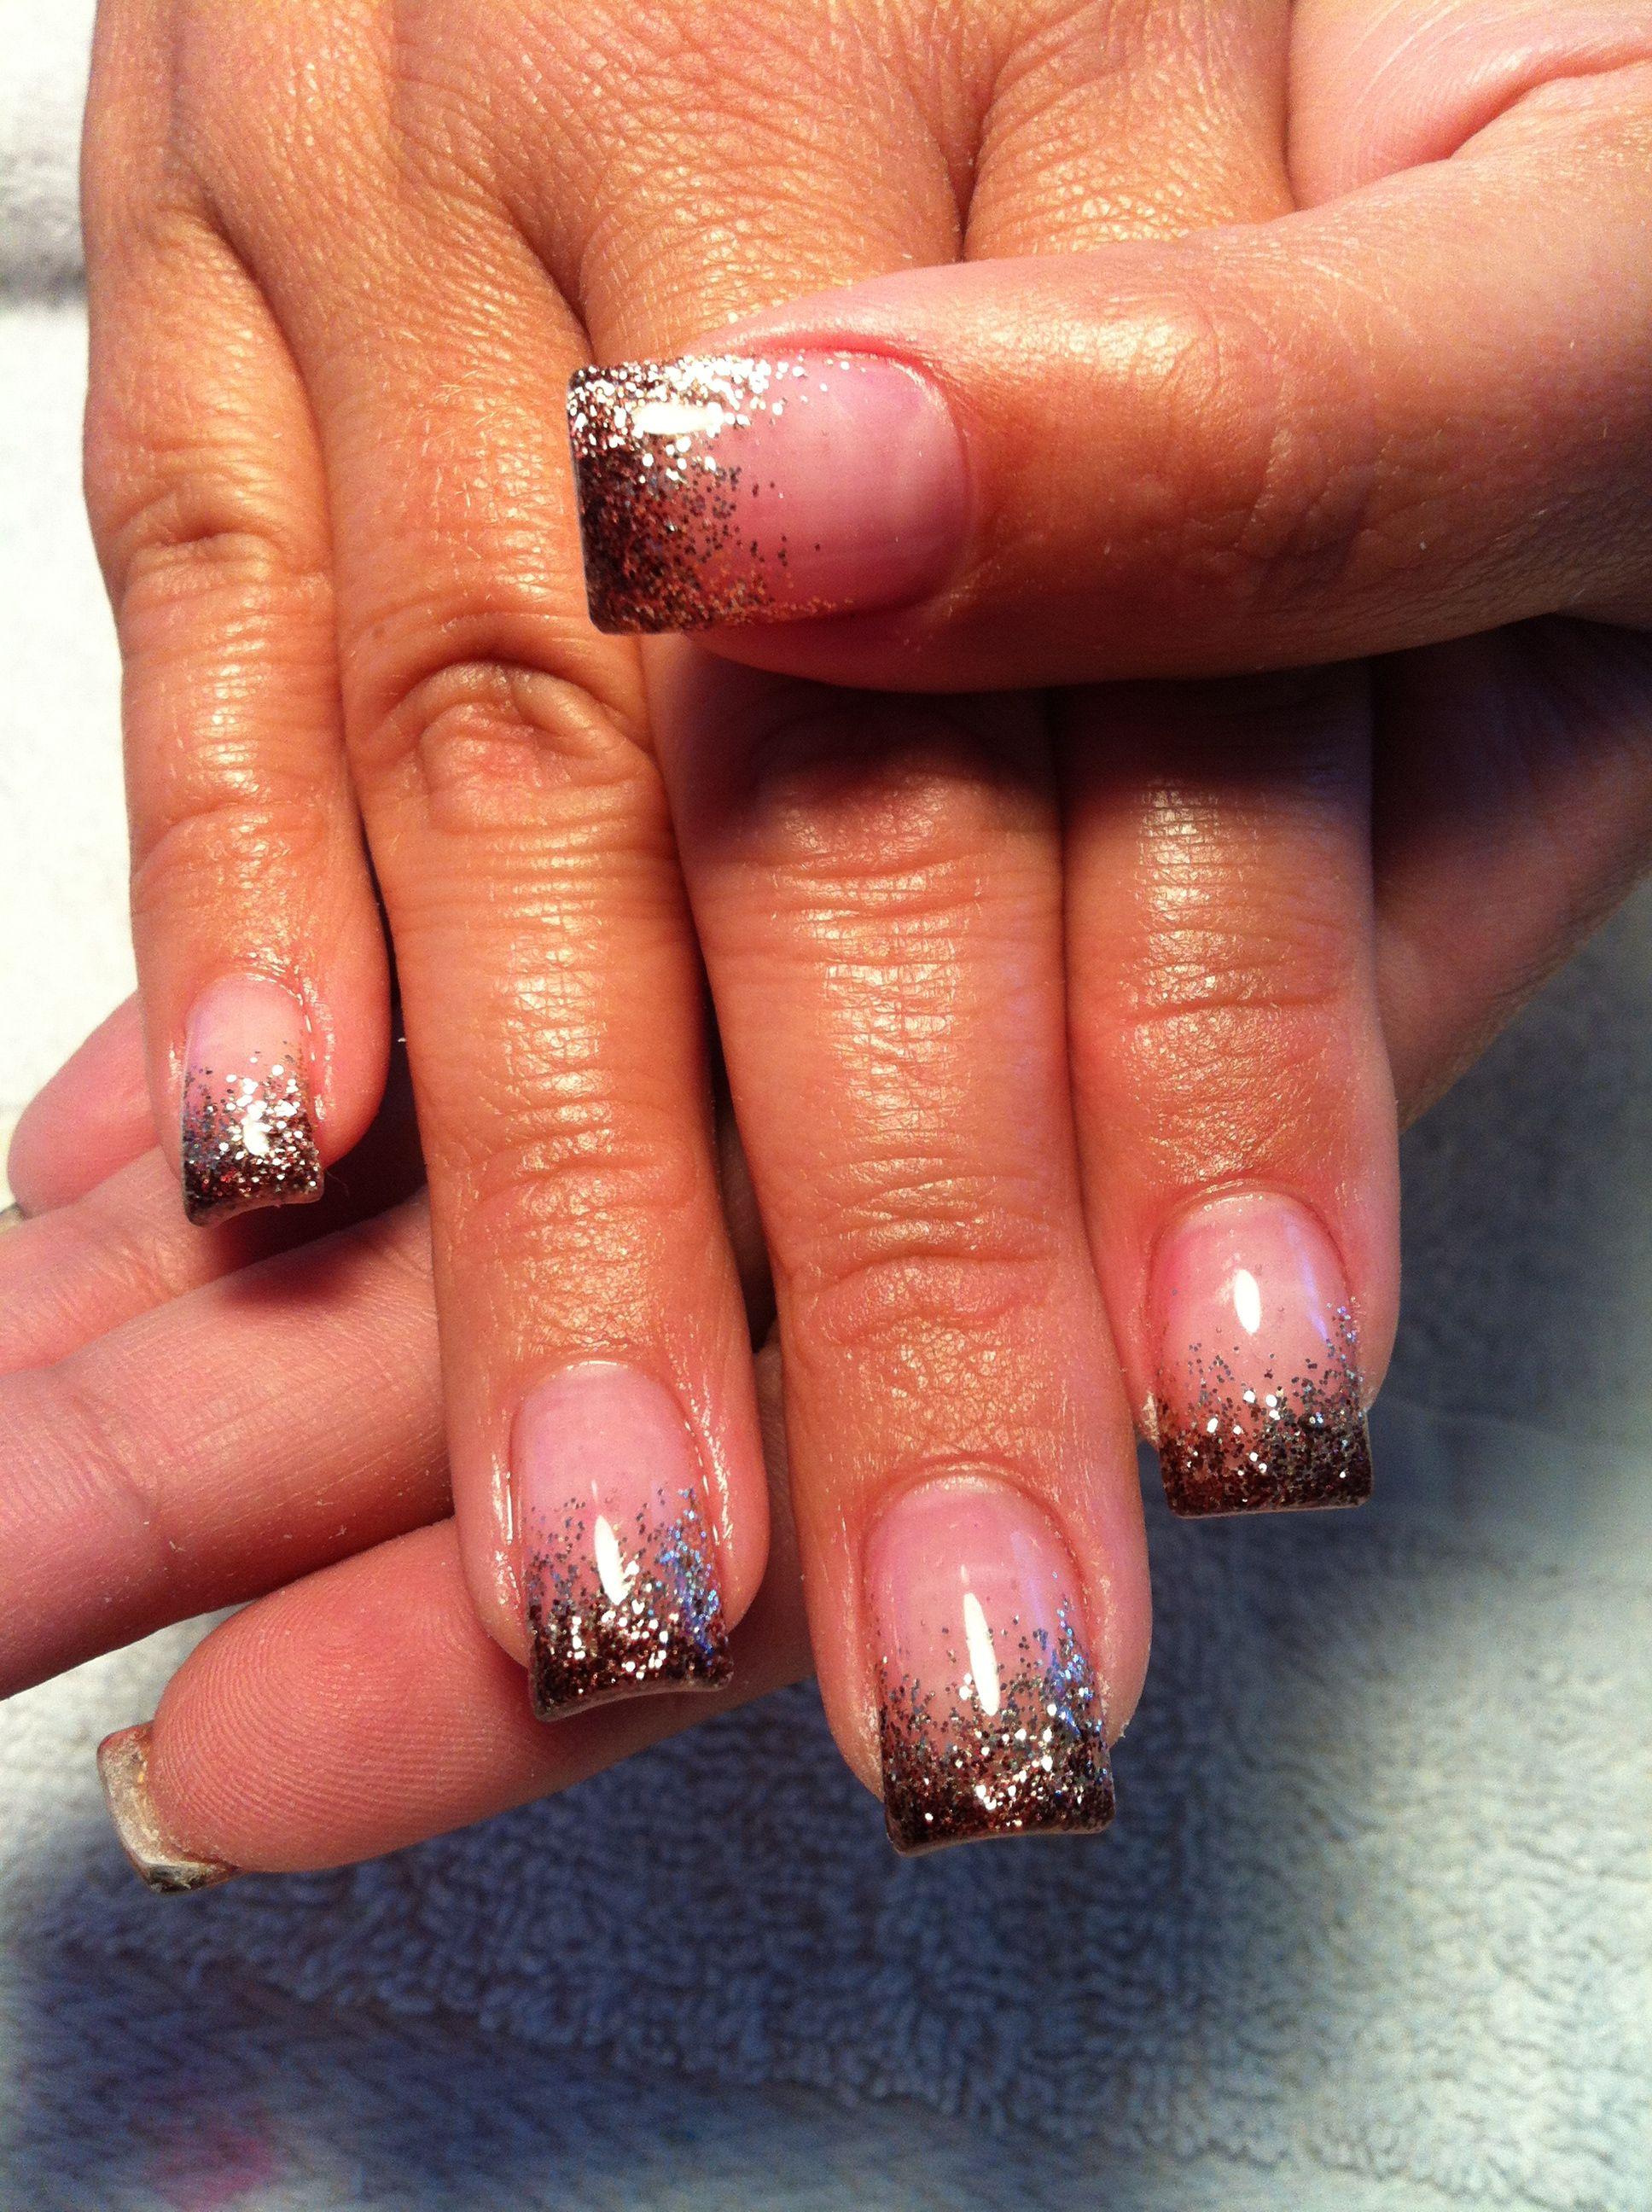 Fall designs | Nails | Pinterest | Diva nails, Mani pedi and Nail nail